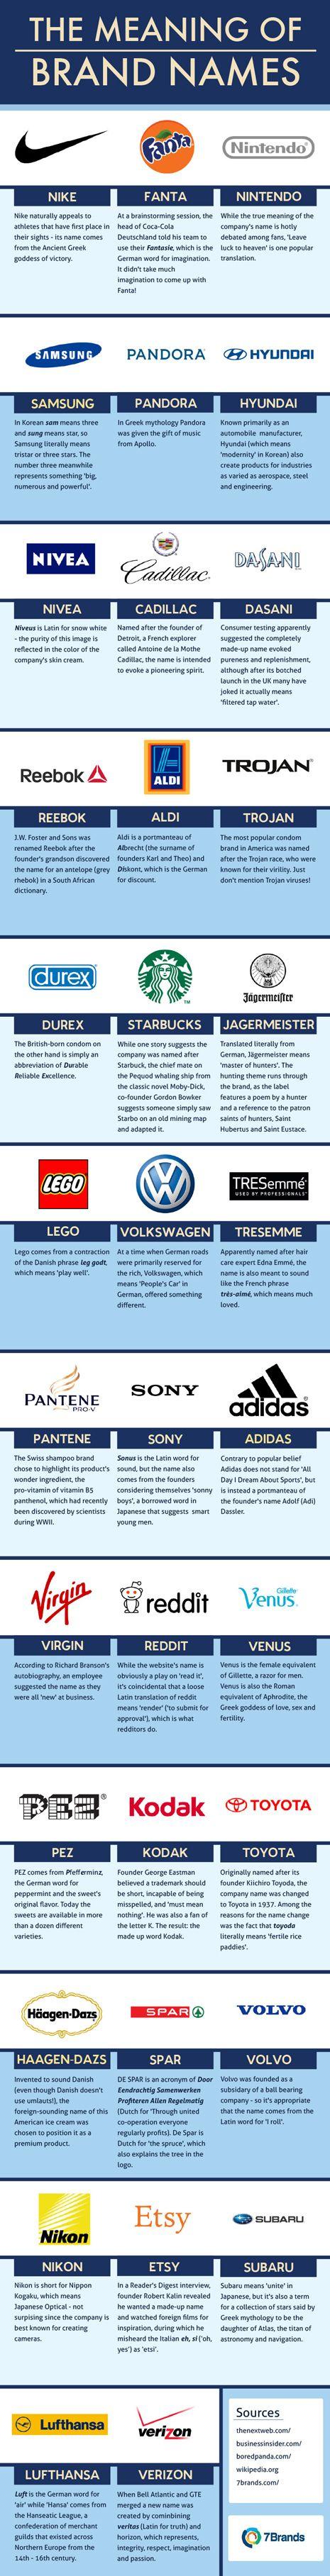 Estas son algunas de las curiosidades que podrá encontrar en la infografía elaborada por 7 Brands en la que recoge el origen del nombre de 35 marcas muy conocidas por todos que seguro que rompen más de un mito. ¿Sabía que Adidas no es el acrónimo de 'All Day I Dream About Sports'? Eche un vistazo y descúbralo - See more at: http://www.marketingdirecto.com/actualidad/anunciantes/descubra-el-curioso-origen-del-nombre-de-estas-35-marcas/#sthash.oF0clJFh.dpuf